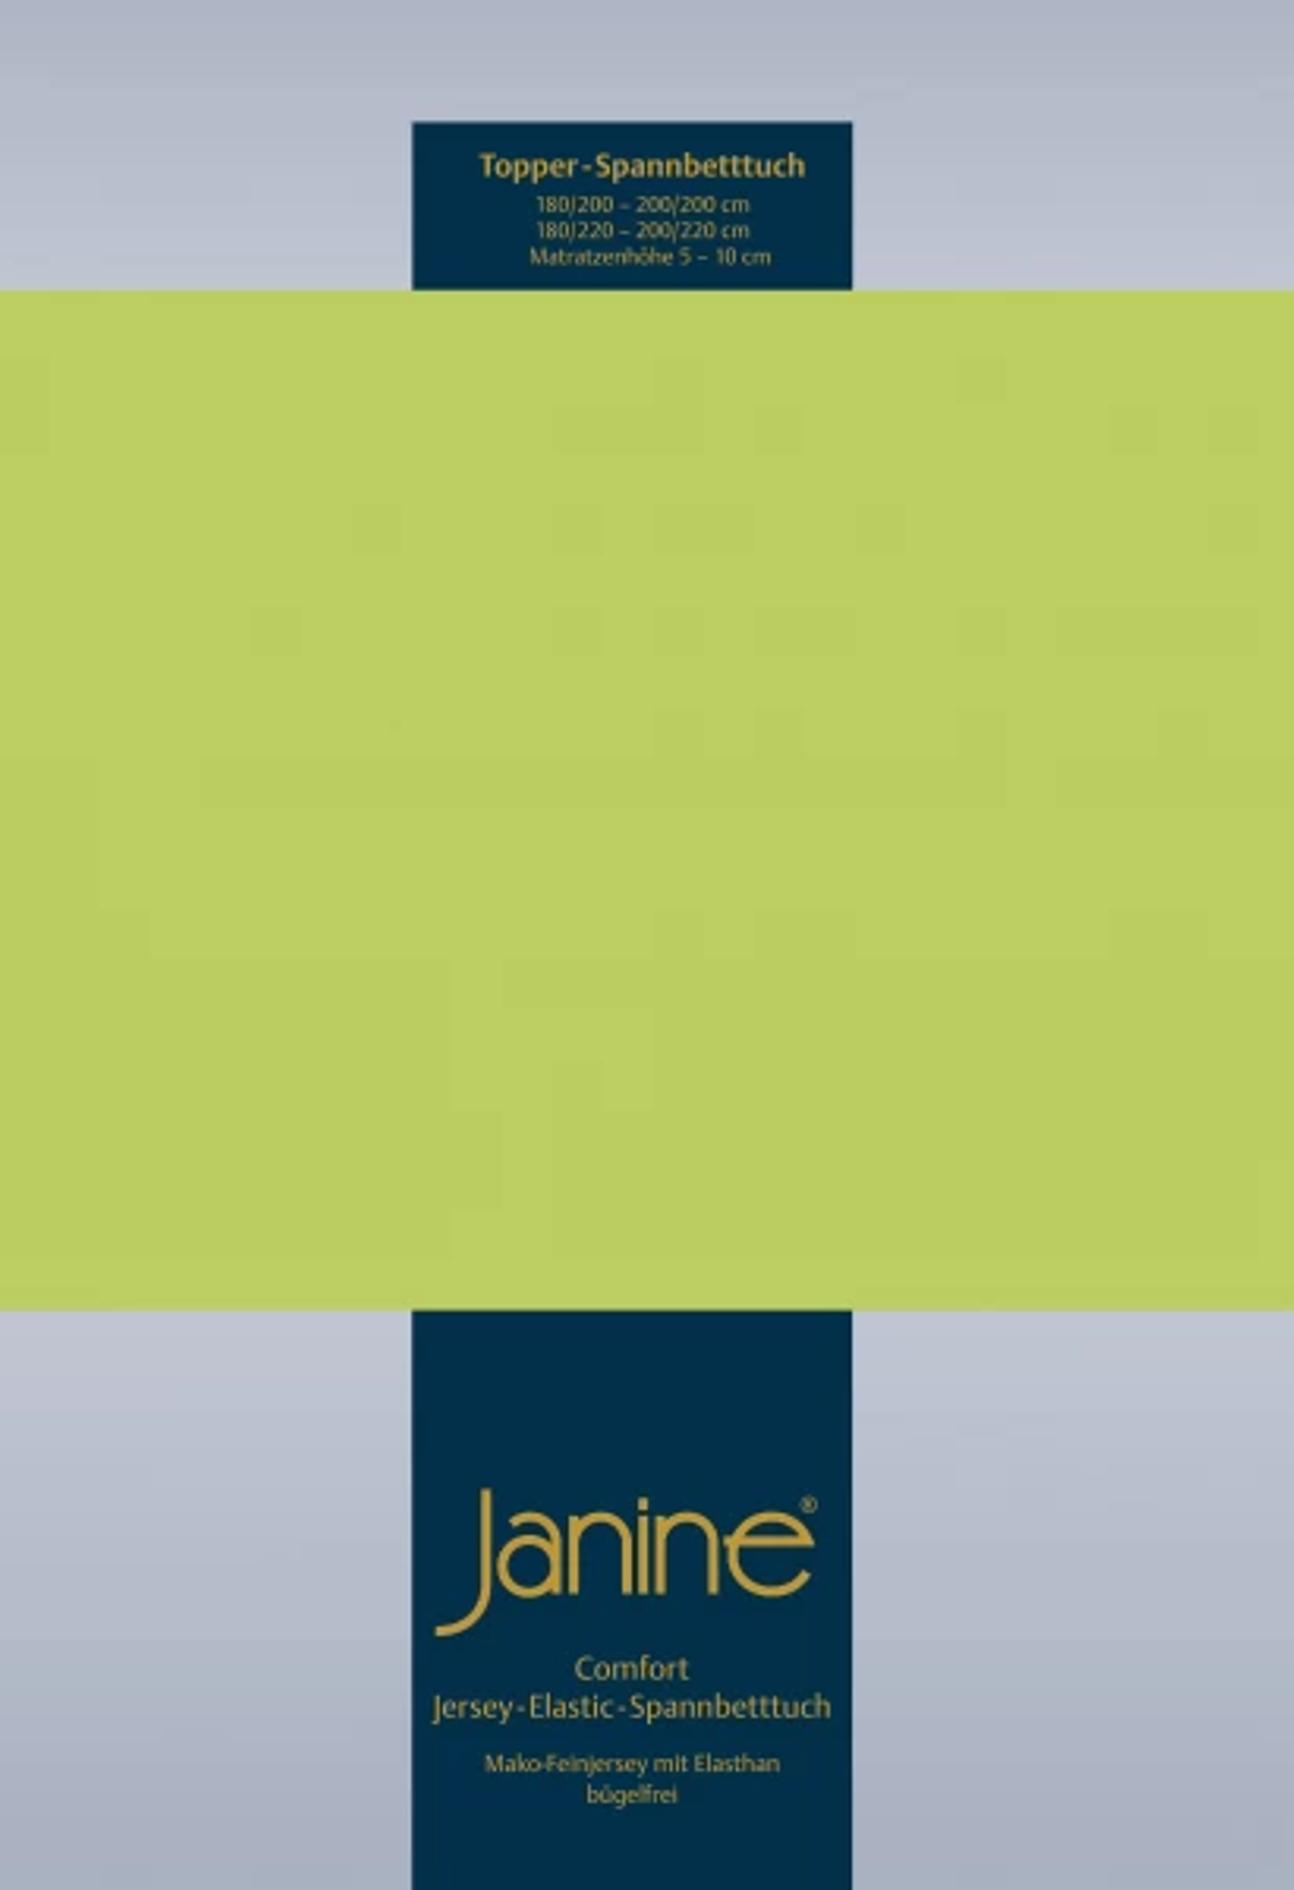 Topper Spannbetttuch Multistretch - apfelgrün